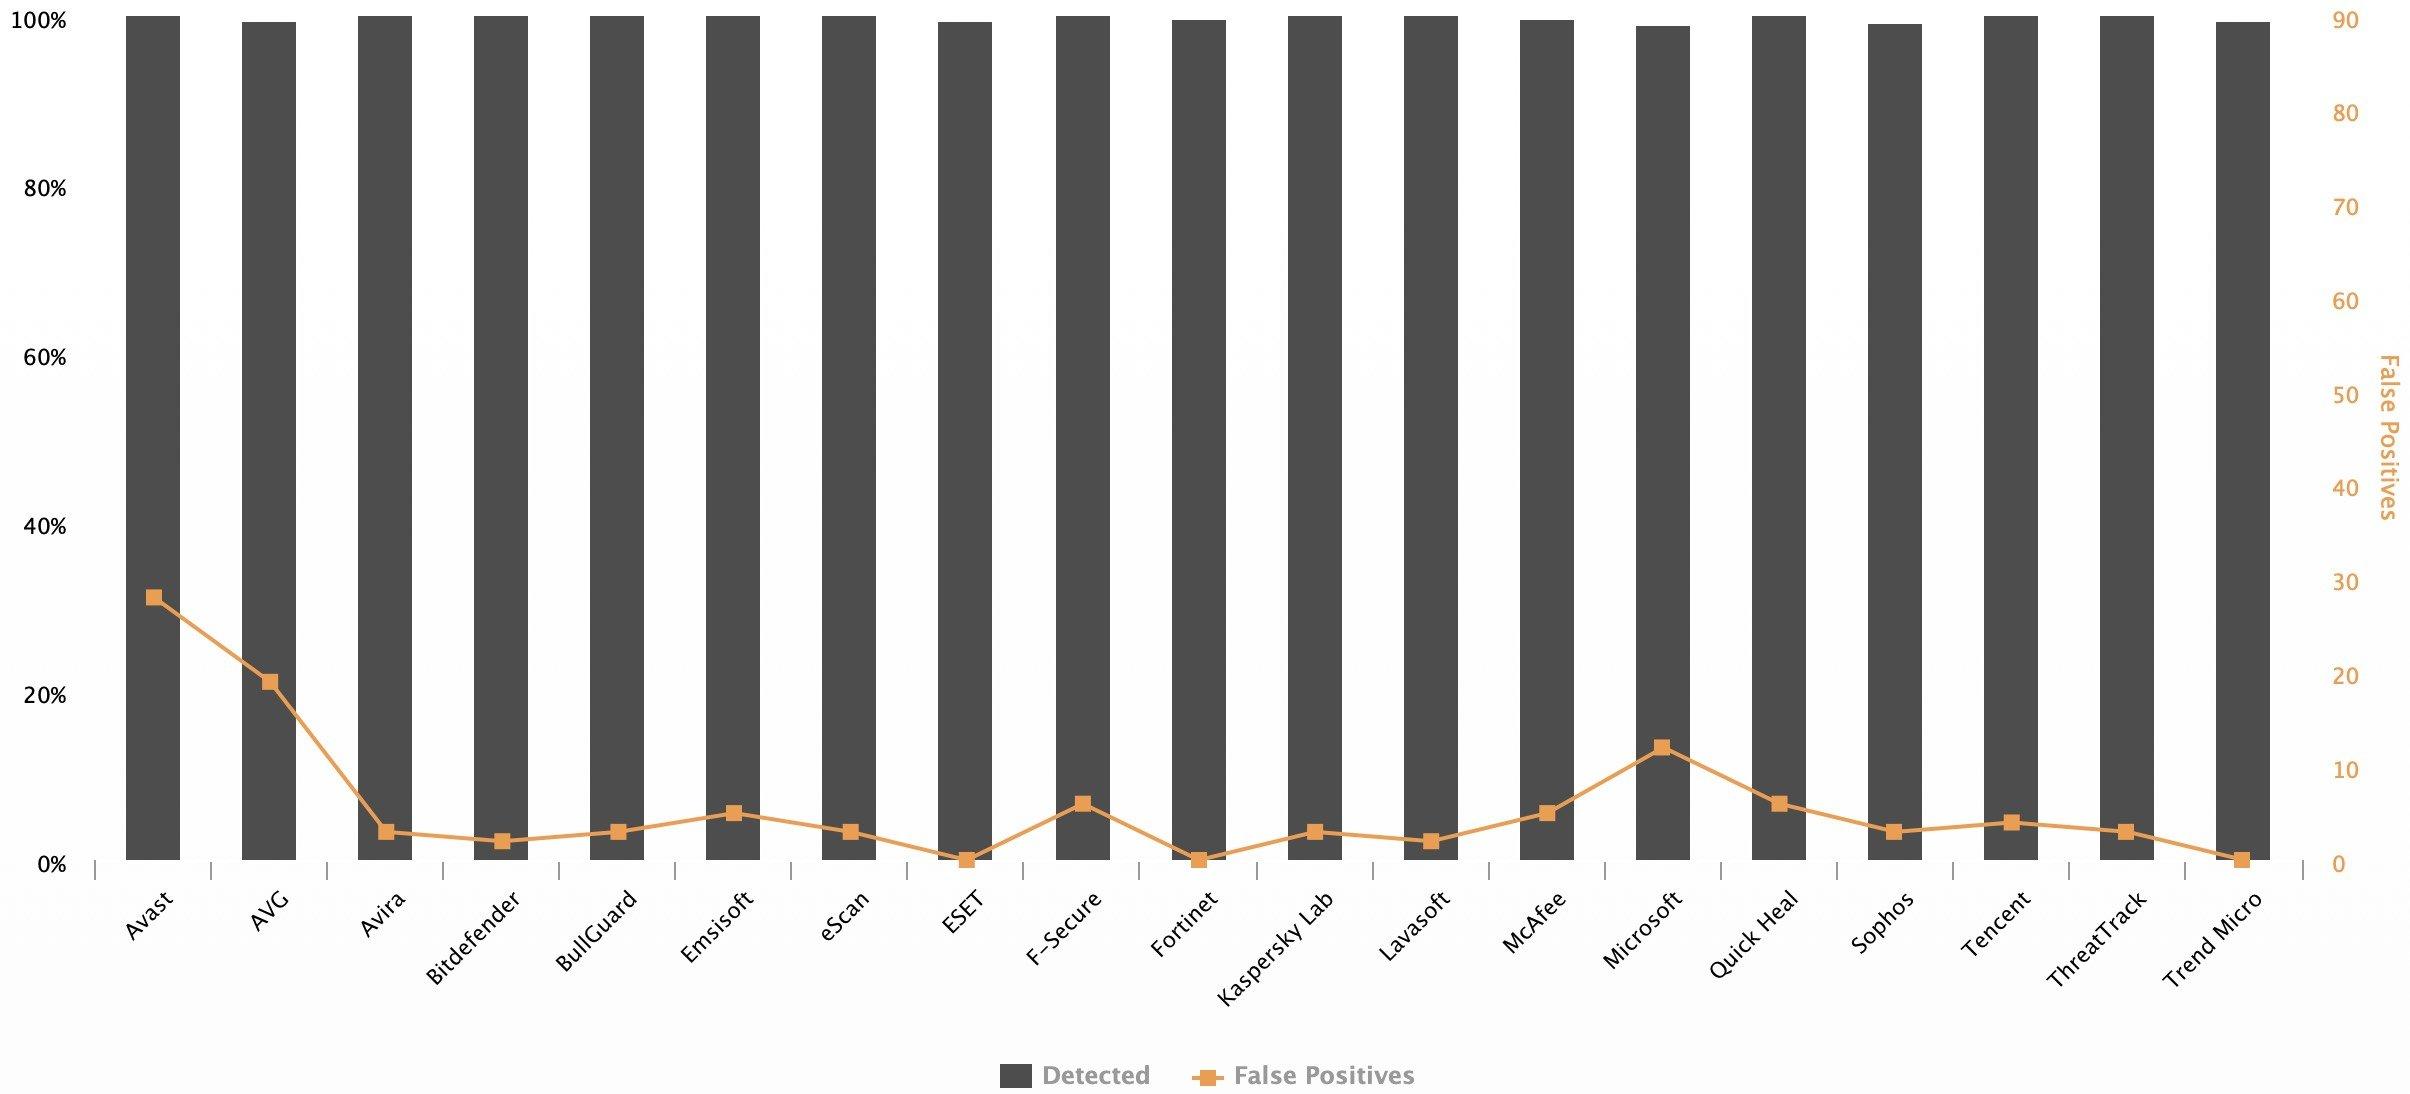 Comparativo de detecção de arquivos dos principais antivírus